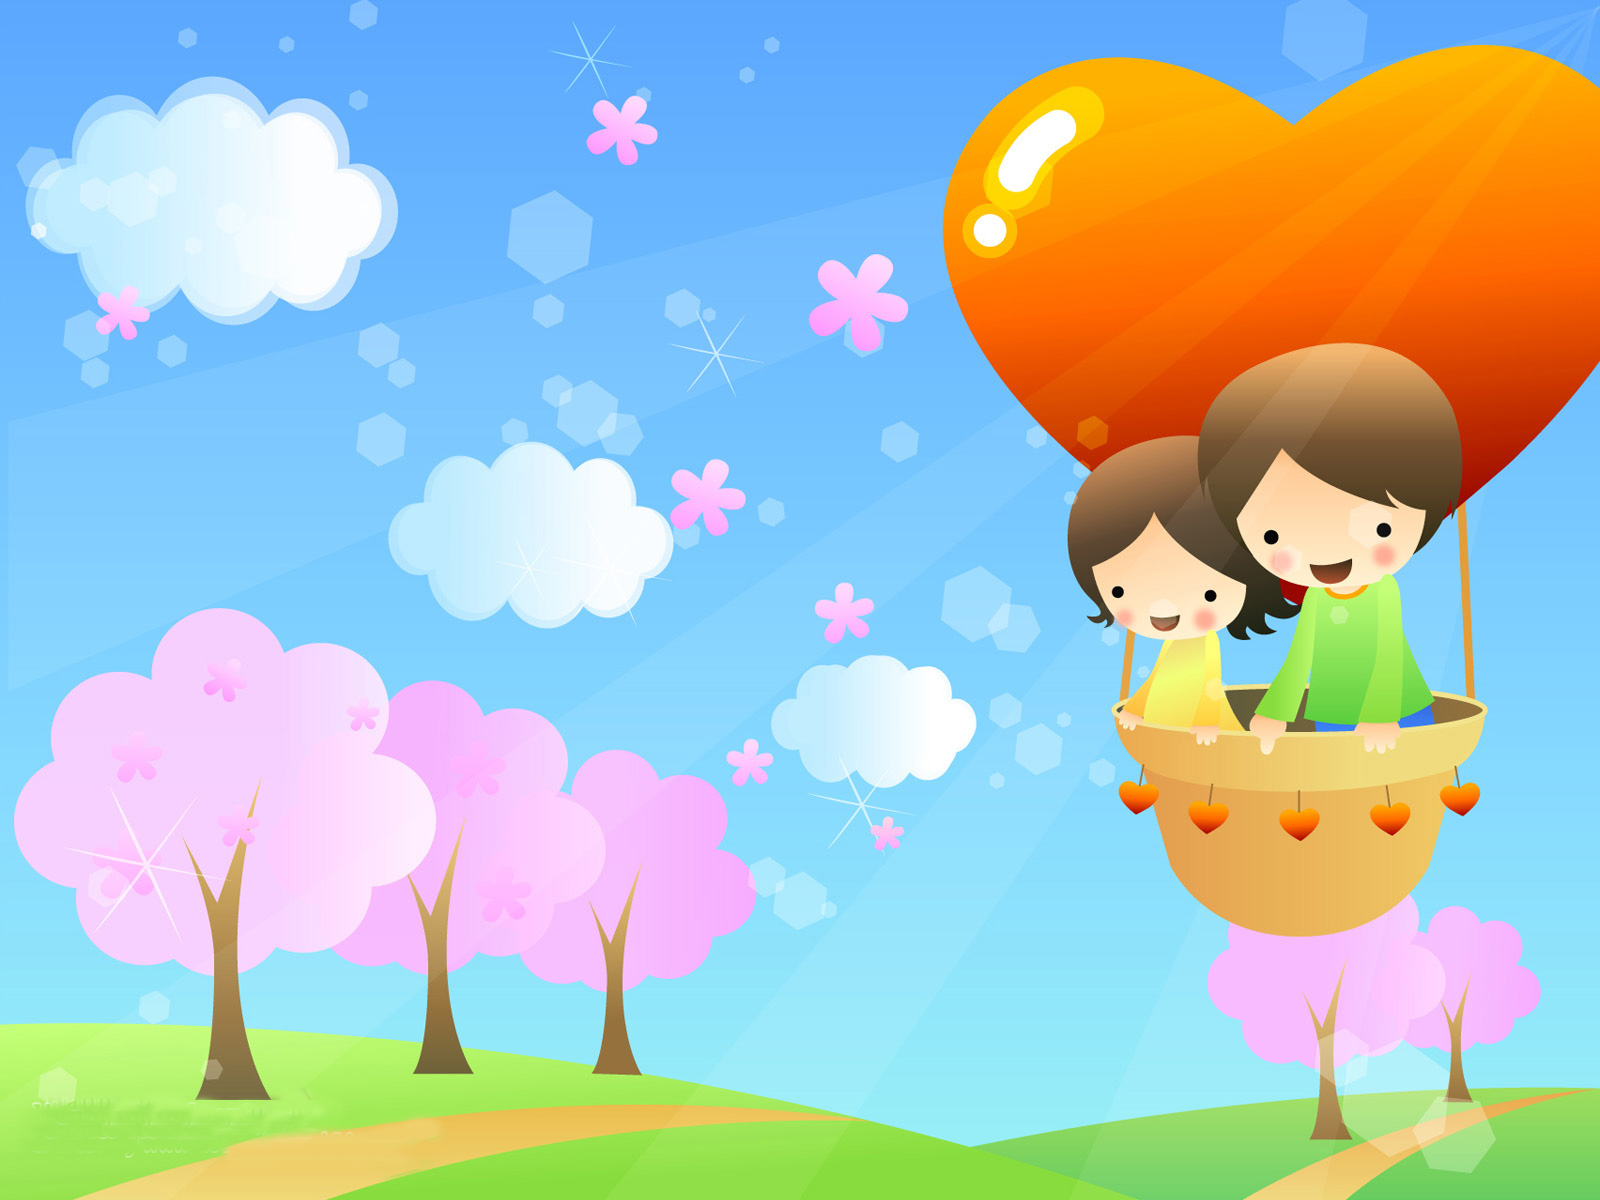 Kids background ppt design 1298 1600x1200